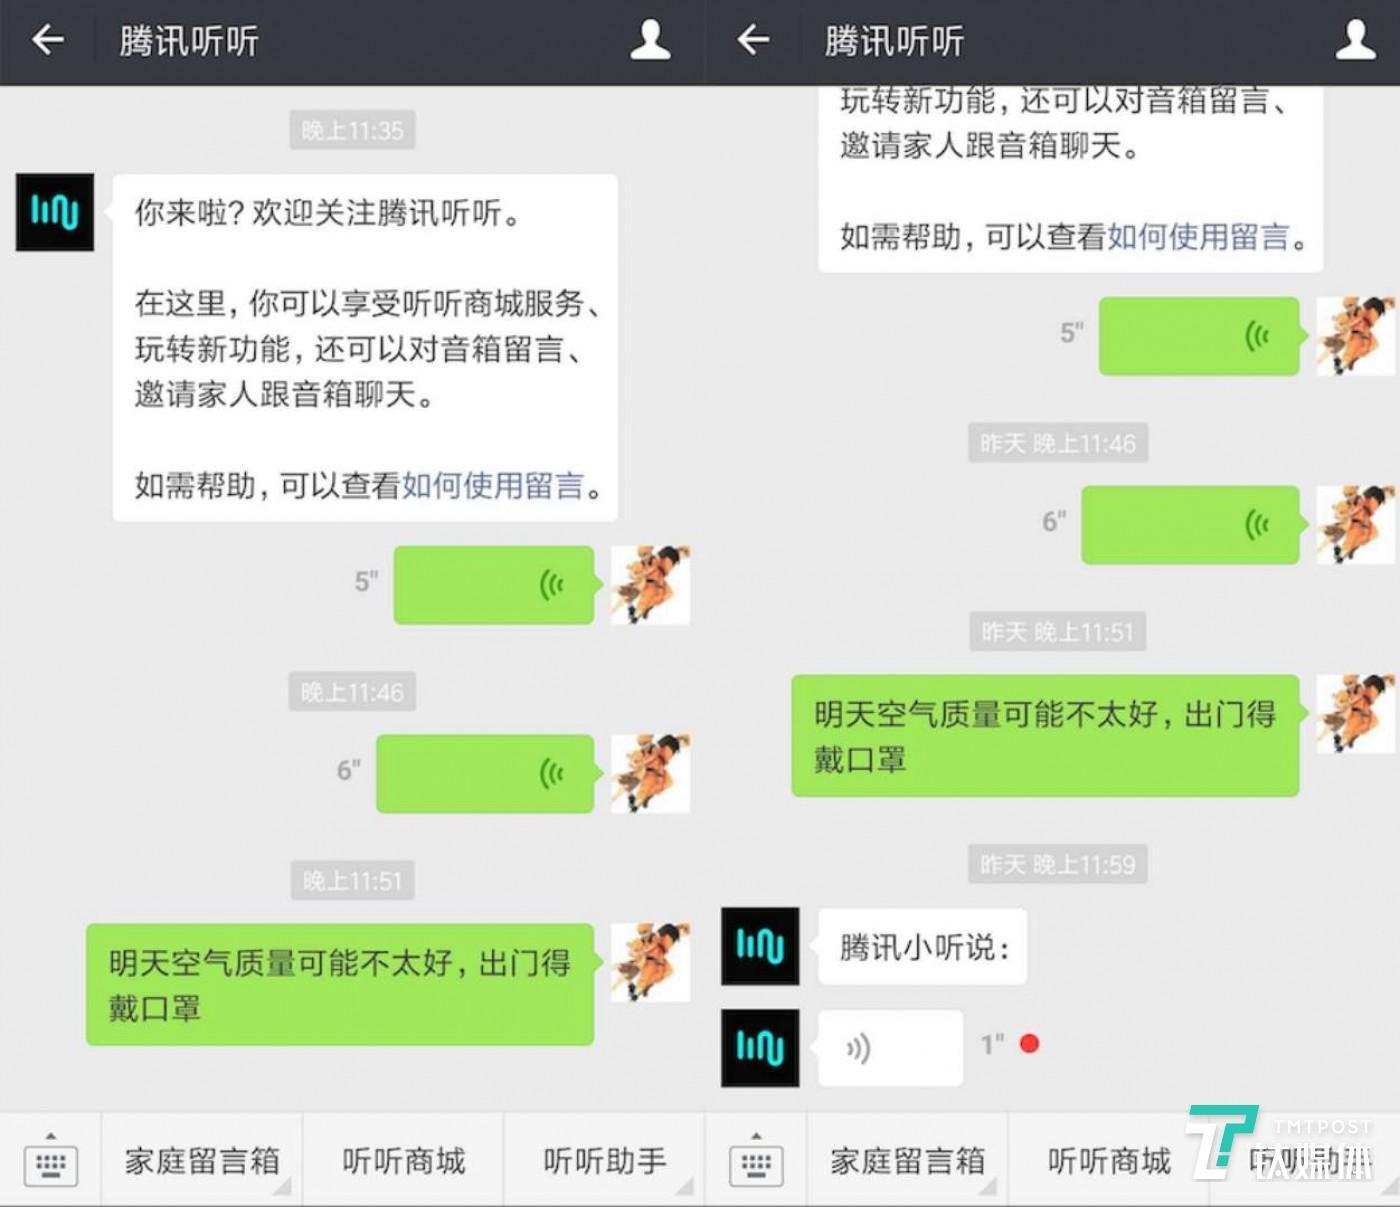 腾讯听听音箱 微信留言功能